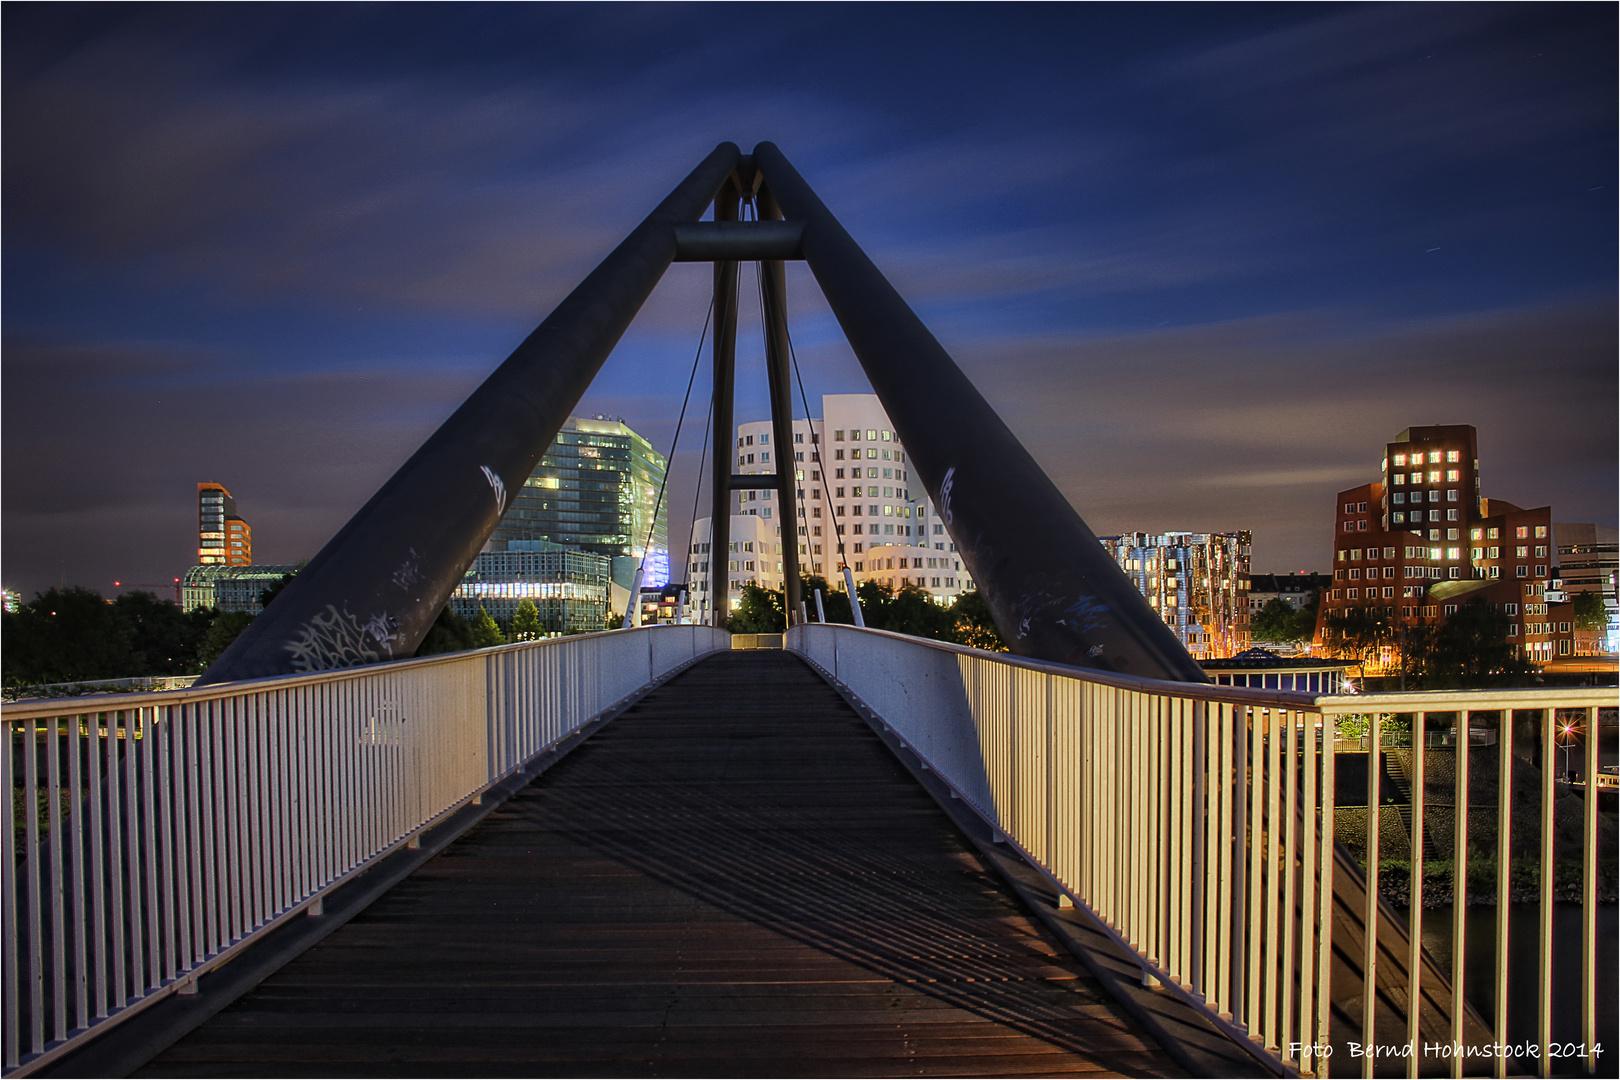 Verbindungsbrücke zum Medienhafen ....